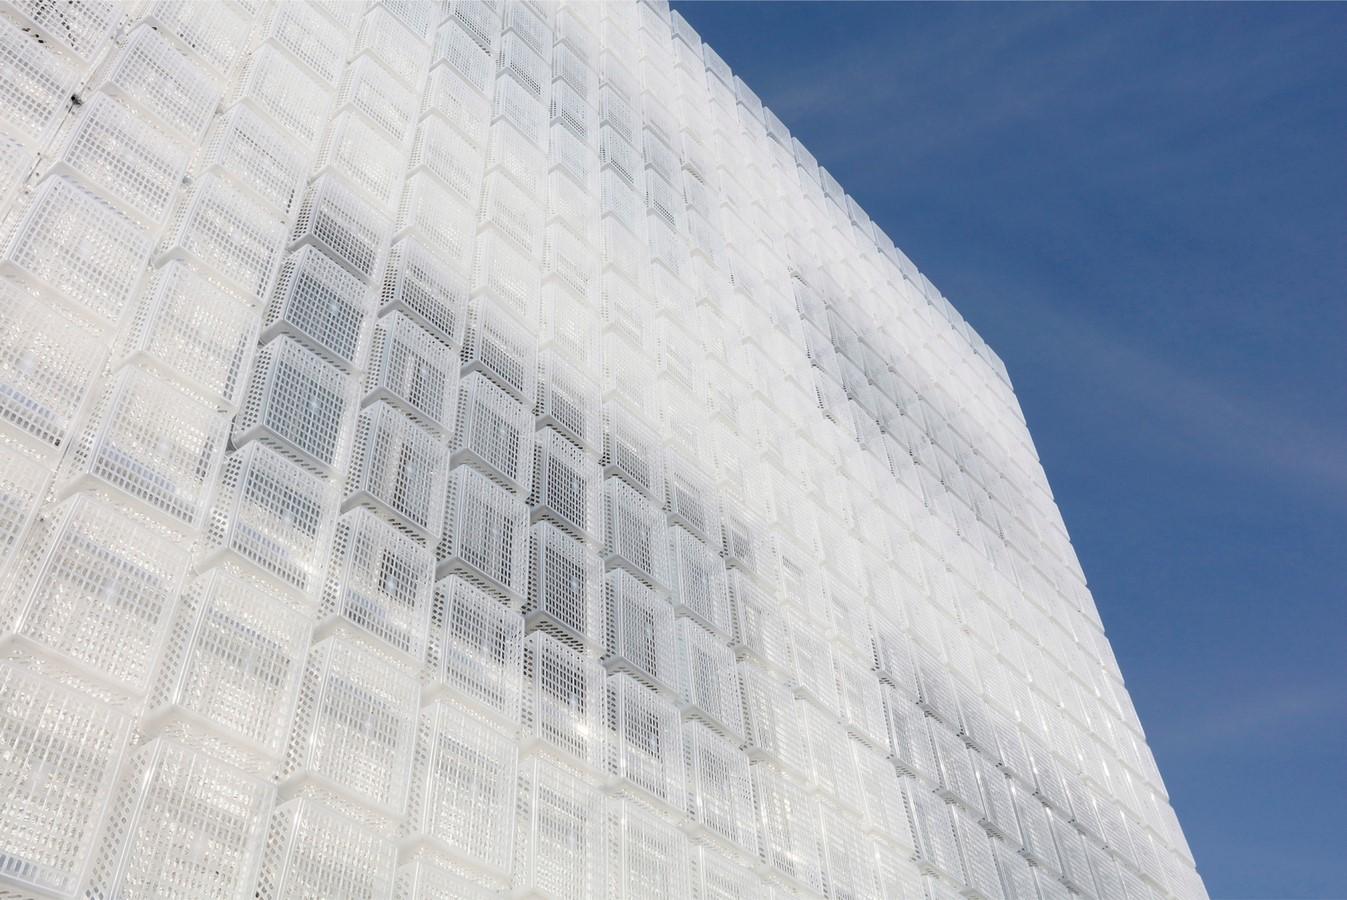 Plastic Façade - Sheet2